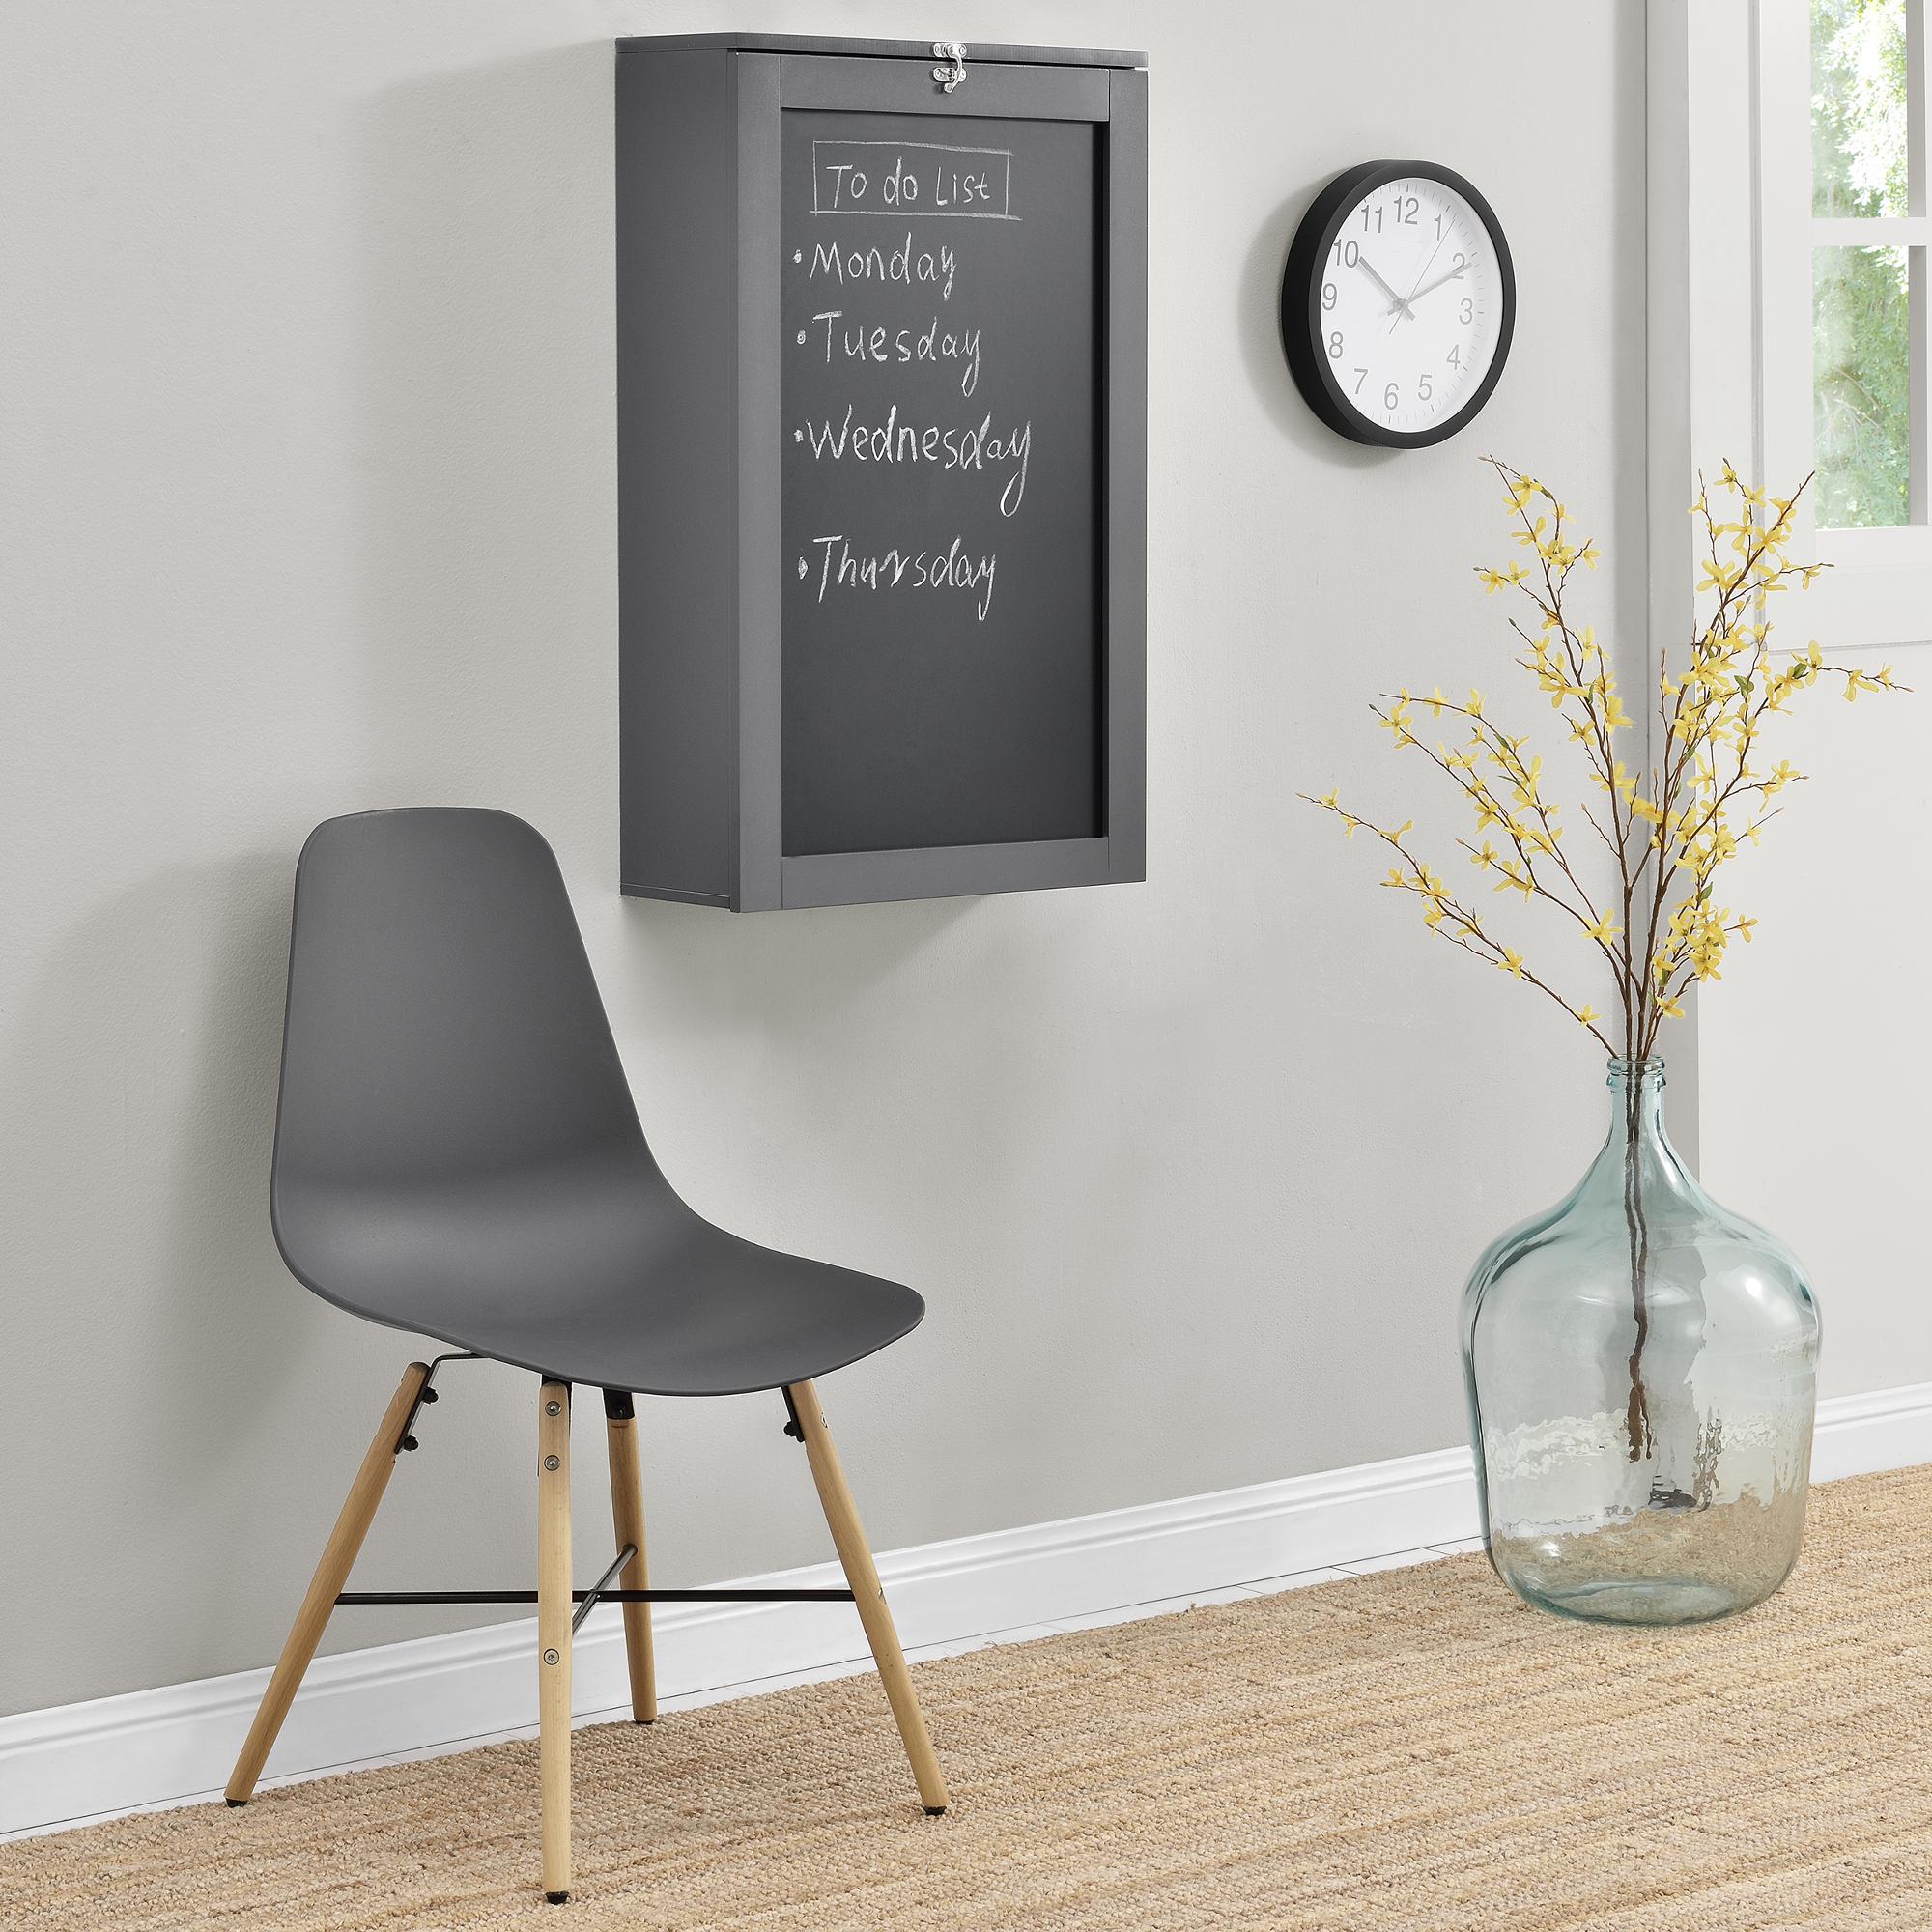 wandtisch grau schreibtisch tisch regal wand klapptisch aus klappbar ebay. Black Bedroom Furniture Sets. Home Design Ideas